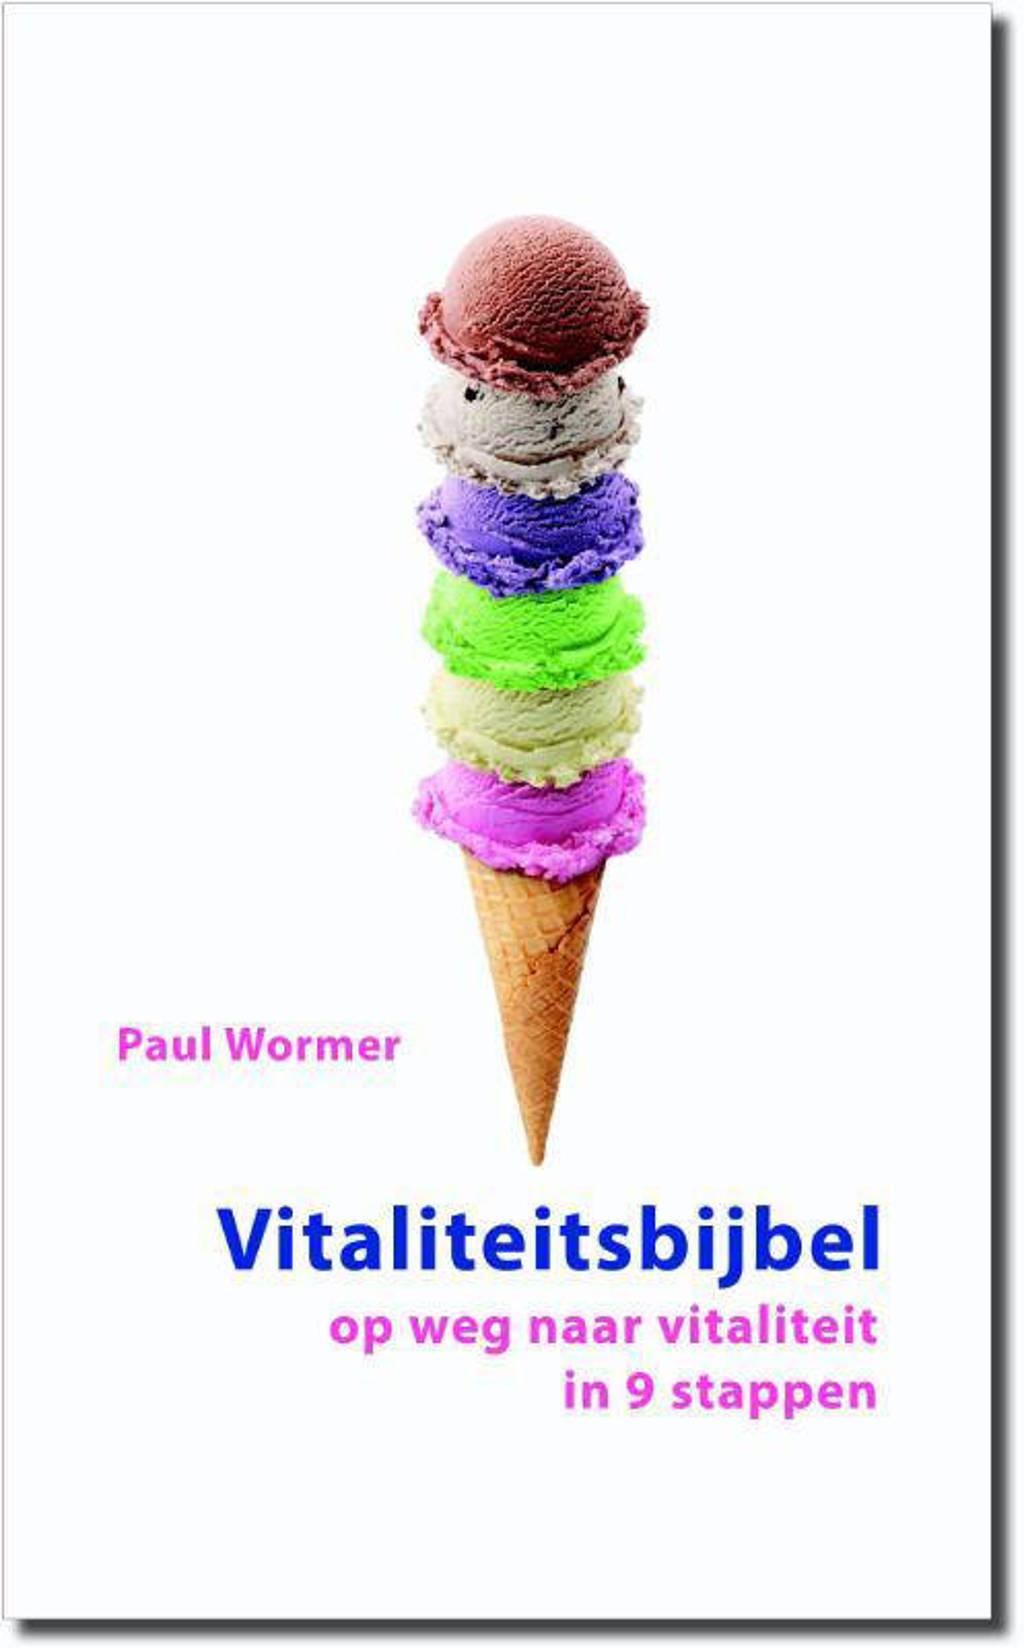 Vitaliteitsbijbel - Paul Wormer